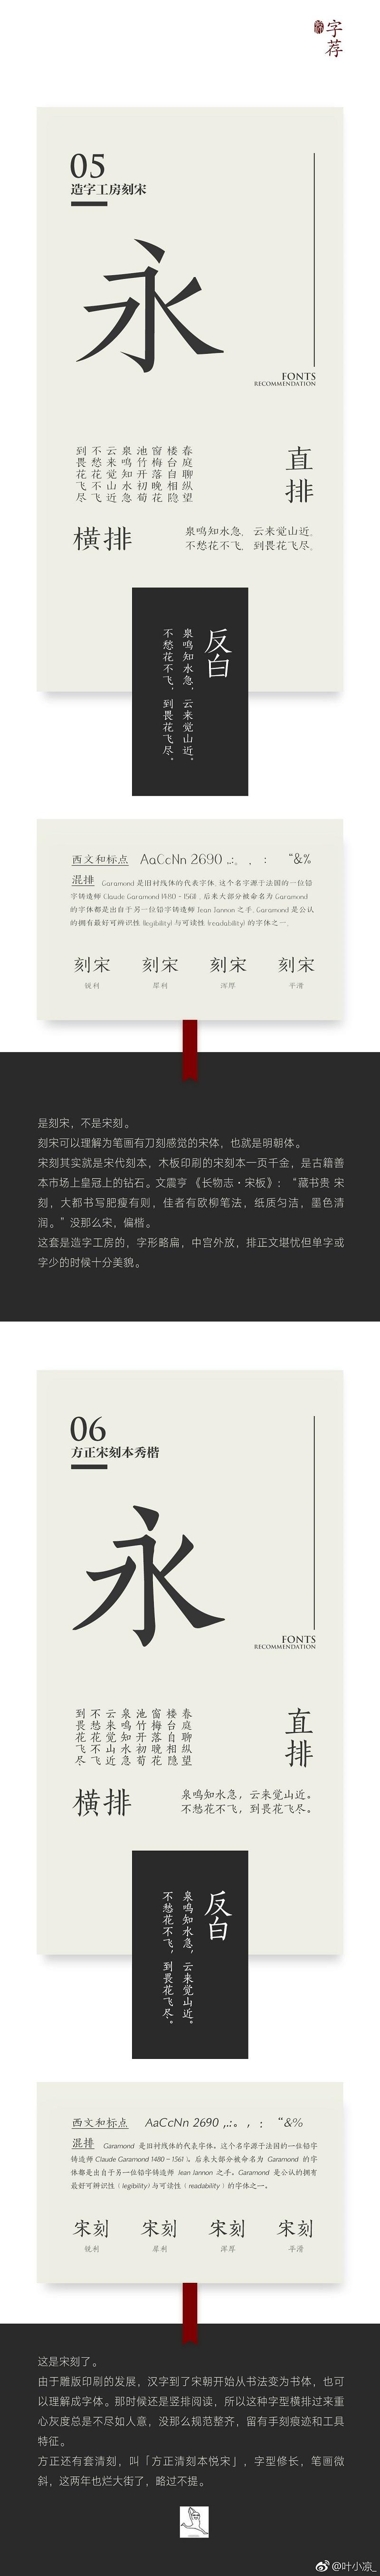 中文字体赏析2.jpg